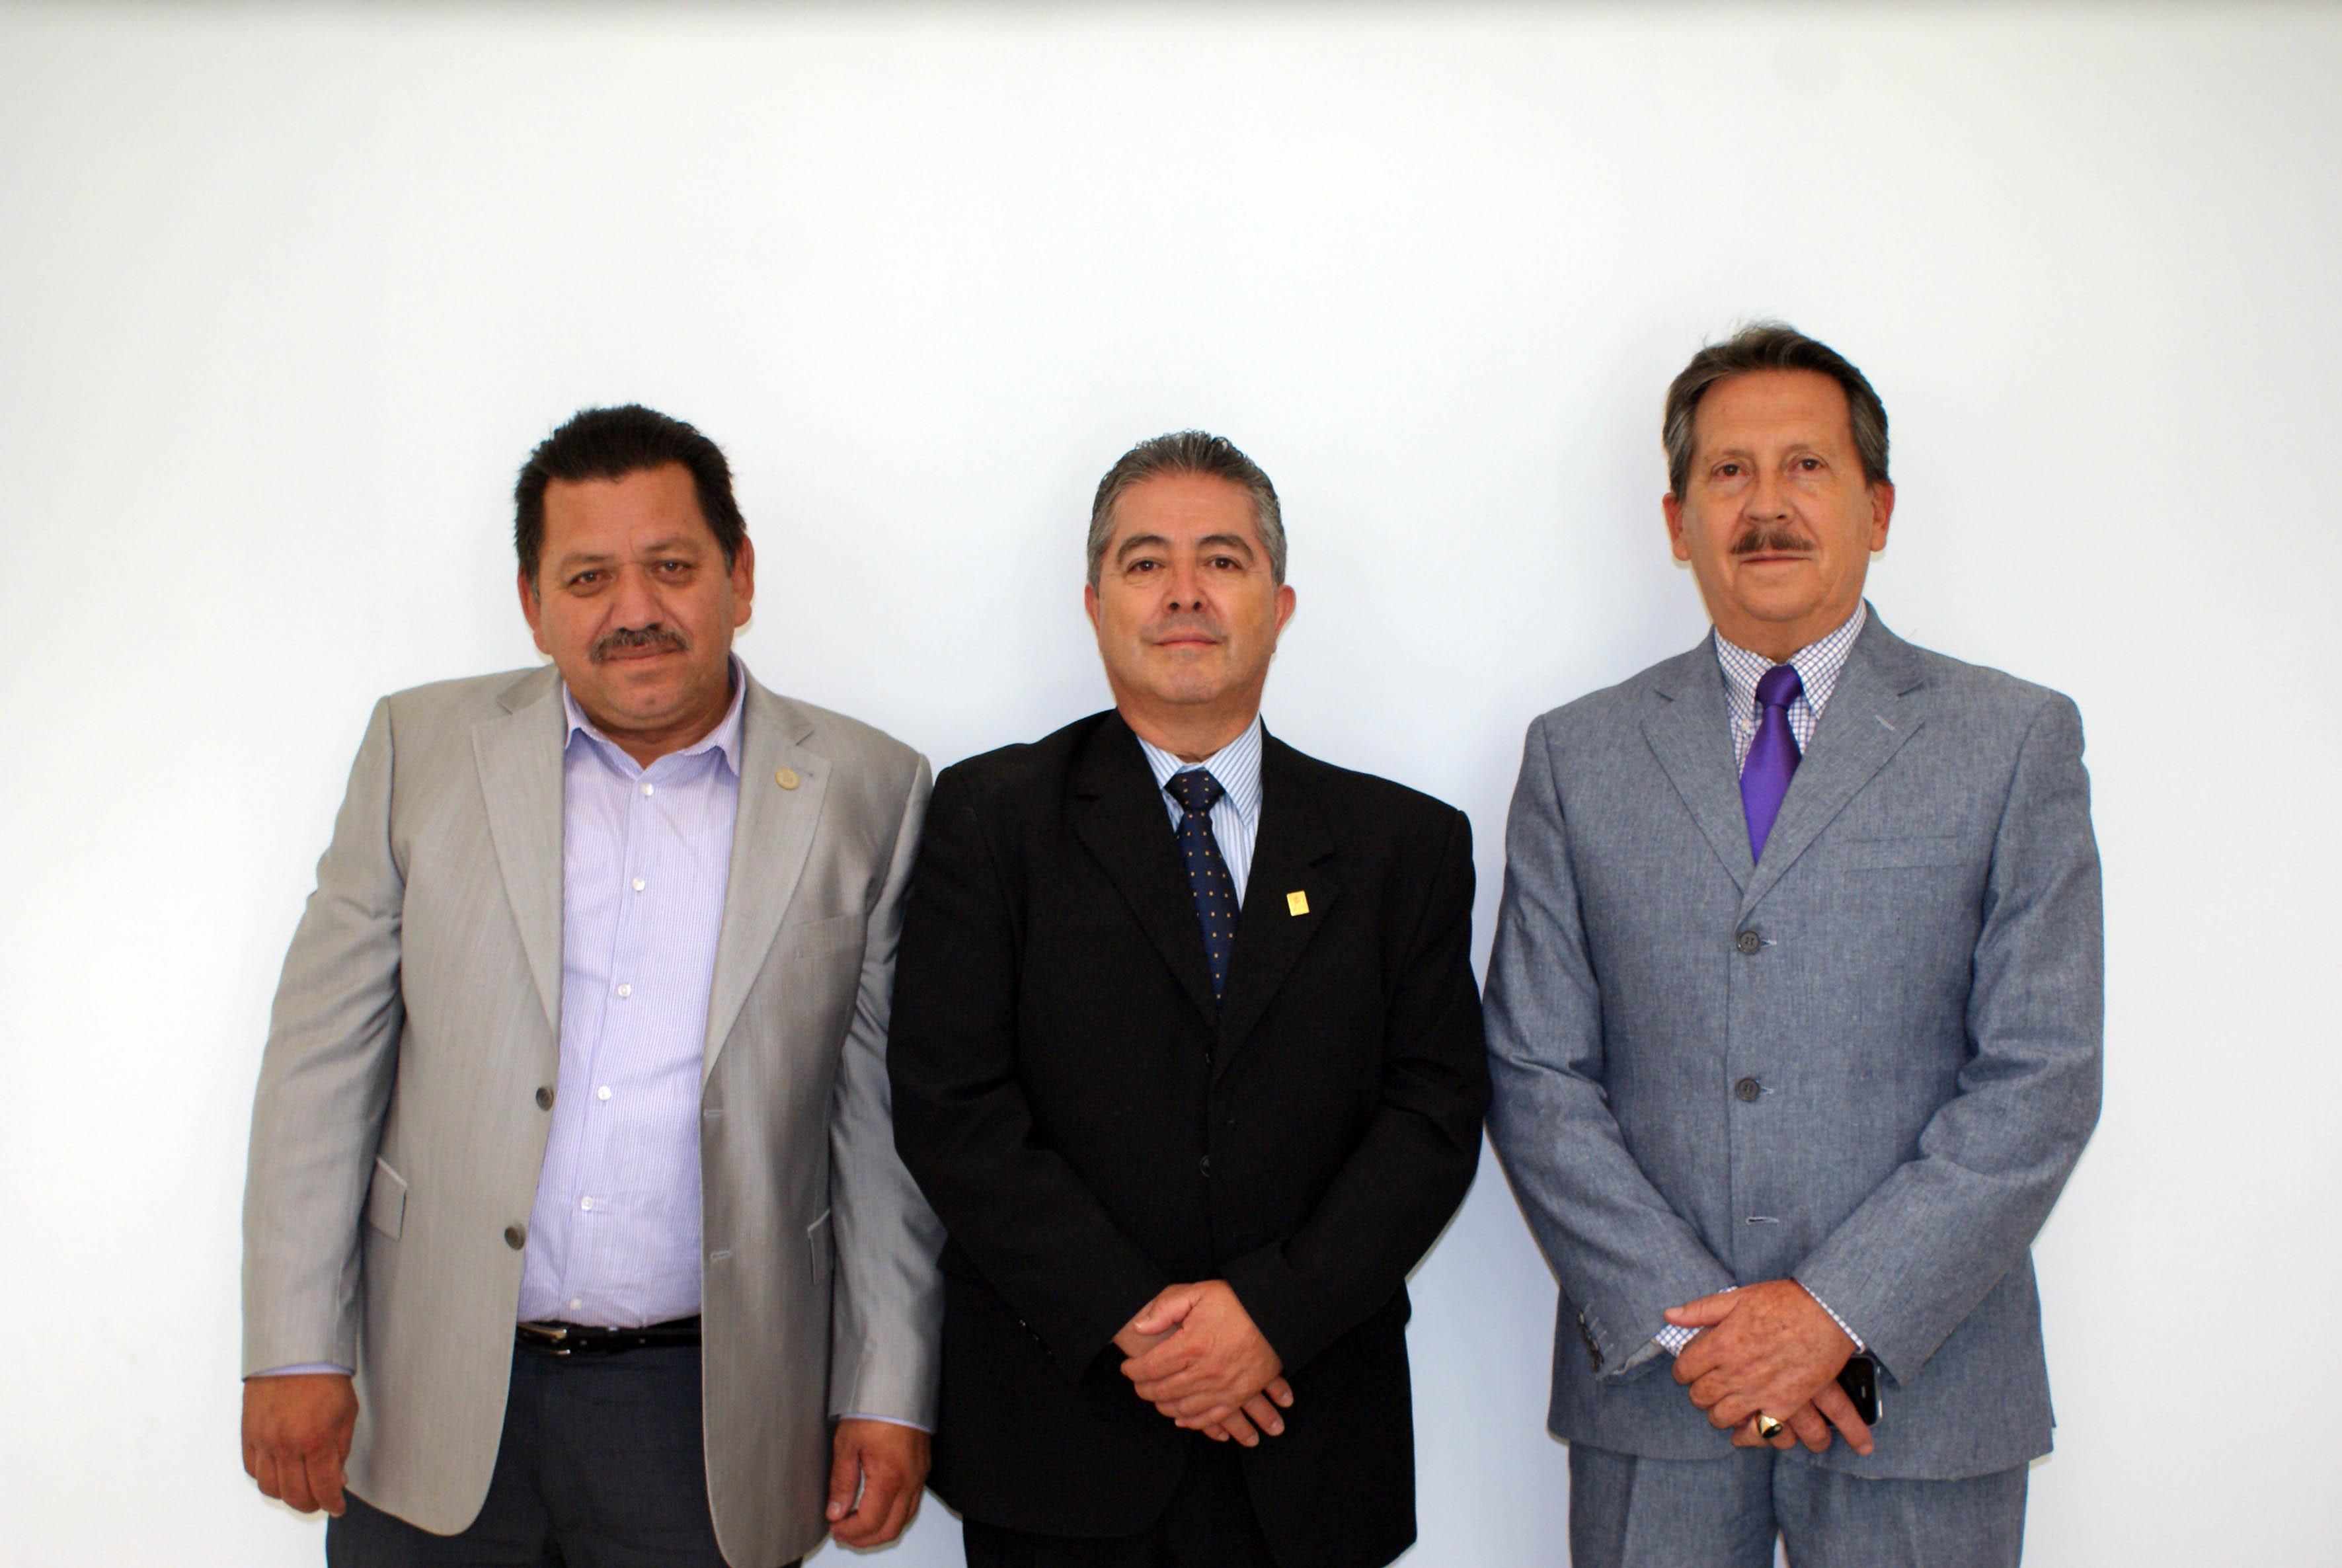 Mtro. Salvador Gonzalo Luna, Dr. Carlos Beas Zarate, Dr. Juan de Jesús Taylor candidatos a Rector del CUCBA